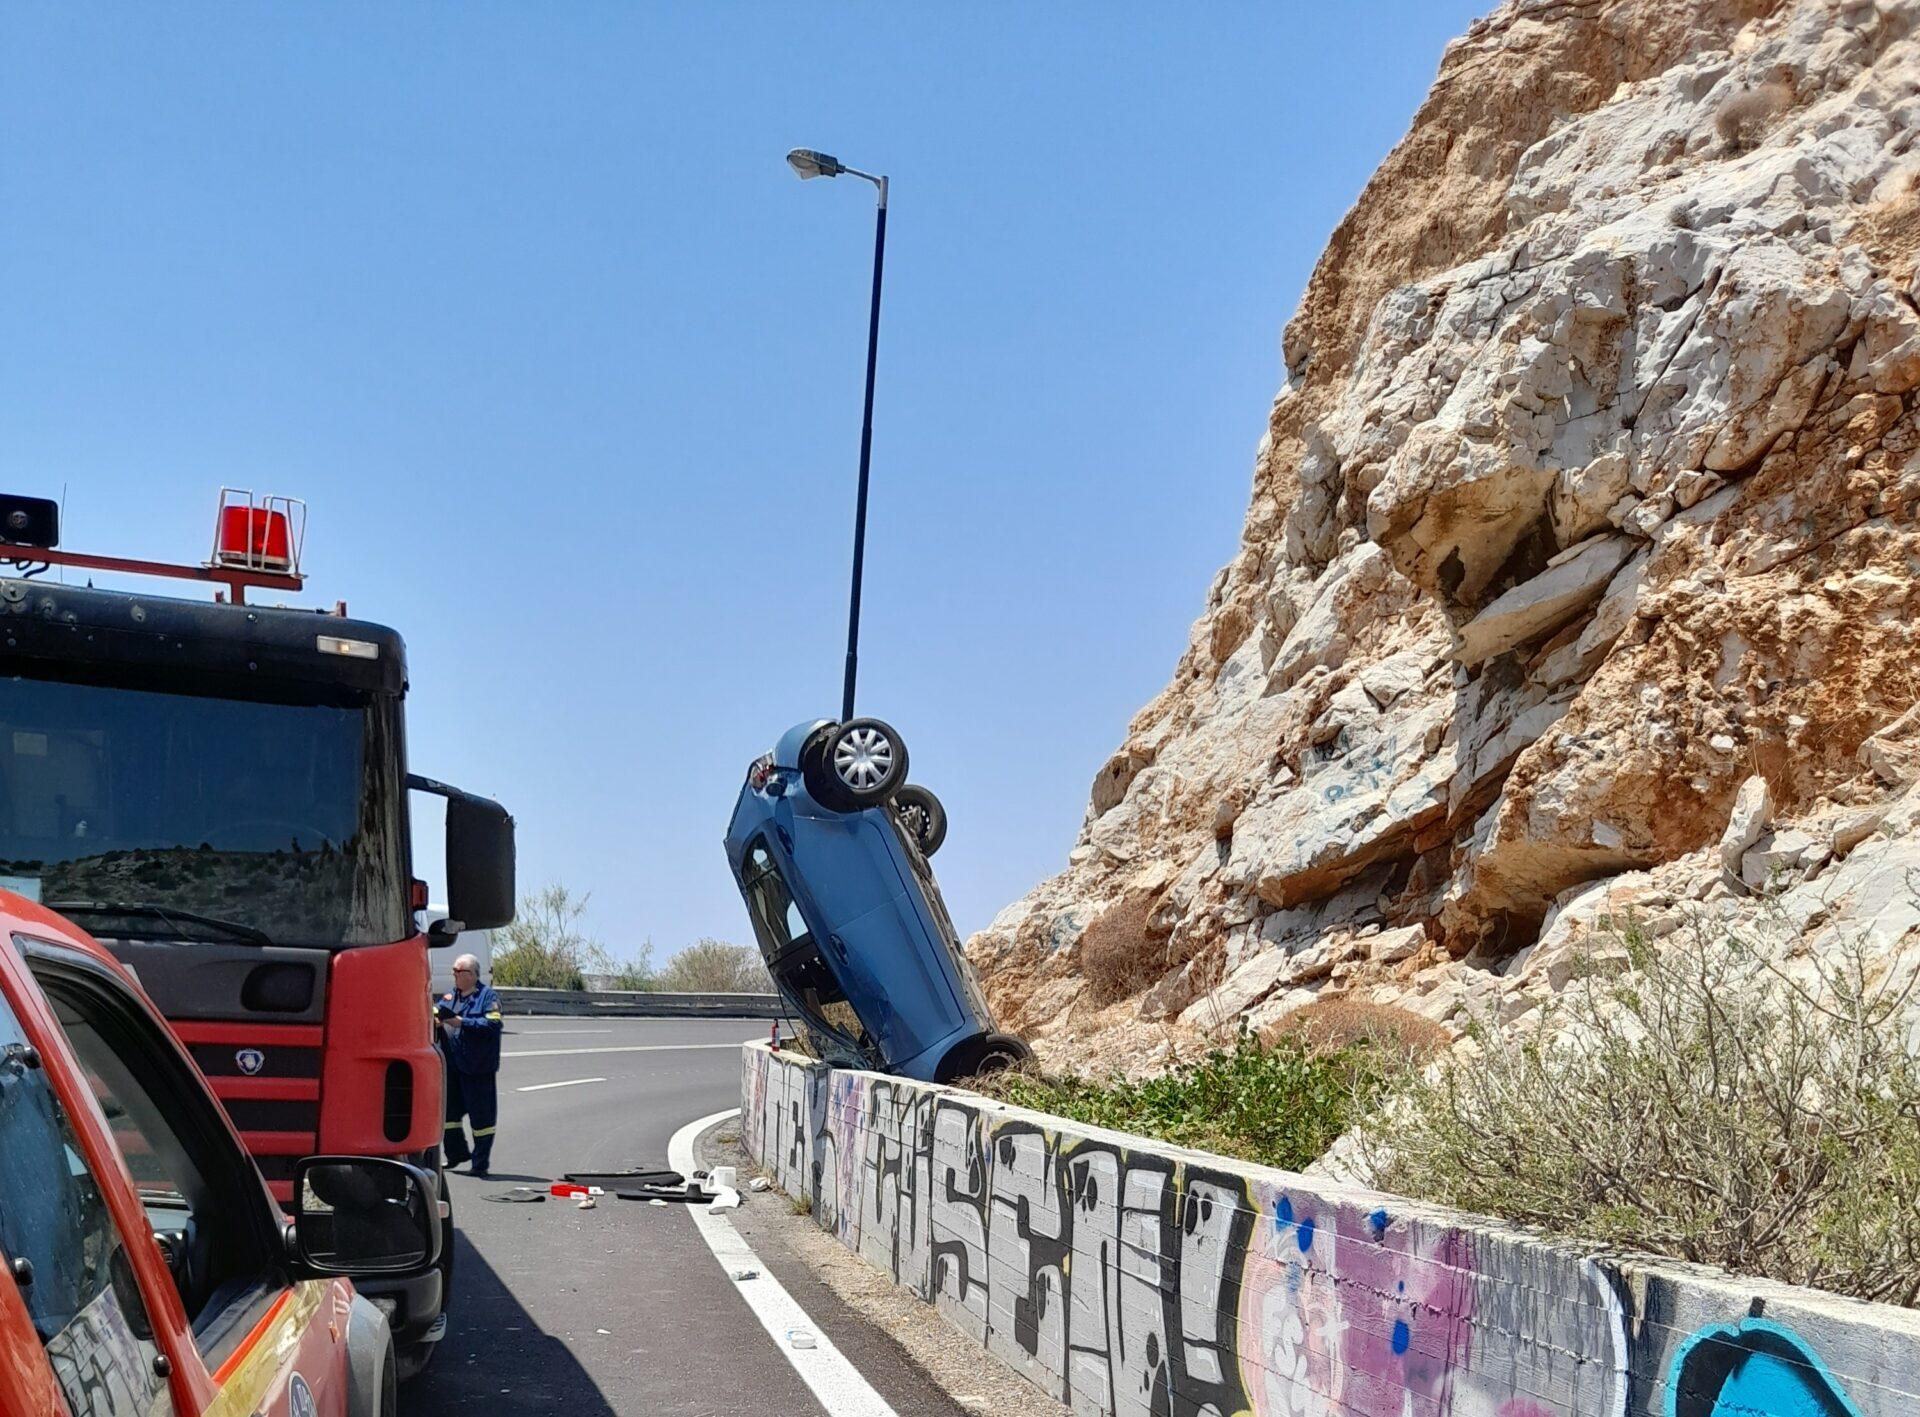 Εικόνες ΣΟΚ από τροχαίο στα Λιμανάκια Βουλιαγμένης – Το αυτοκίνητο καρφώθηκε όρθιο στα βράχια – ΦΩΤΟ